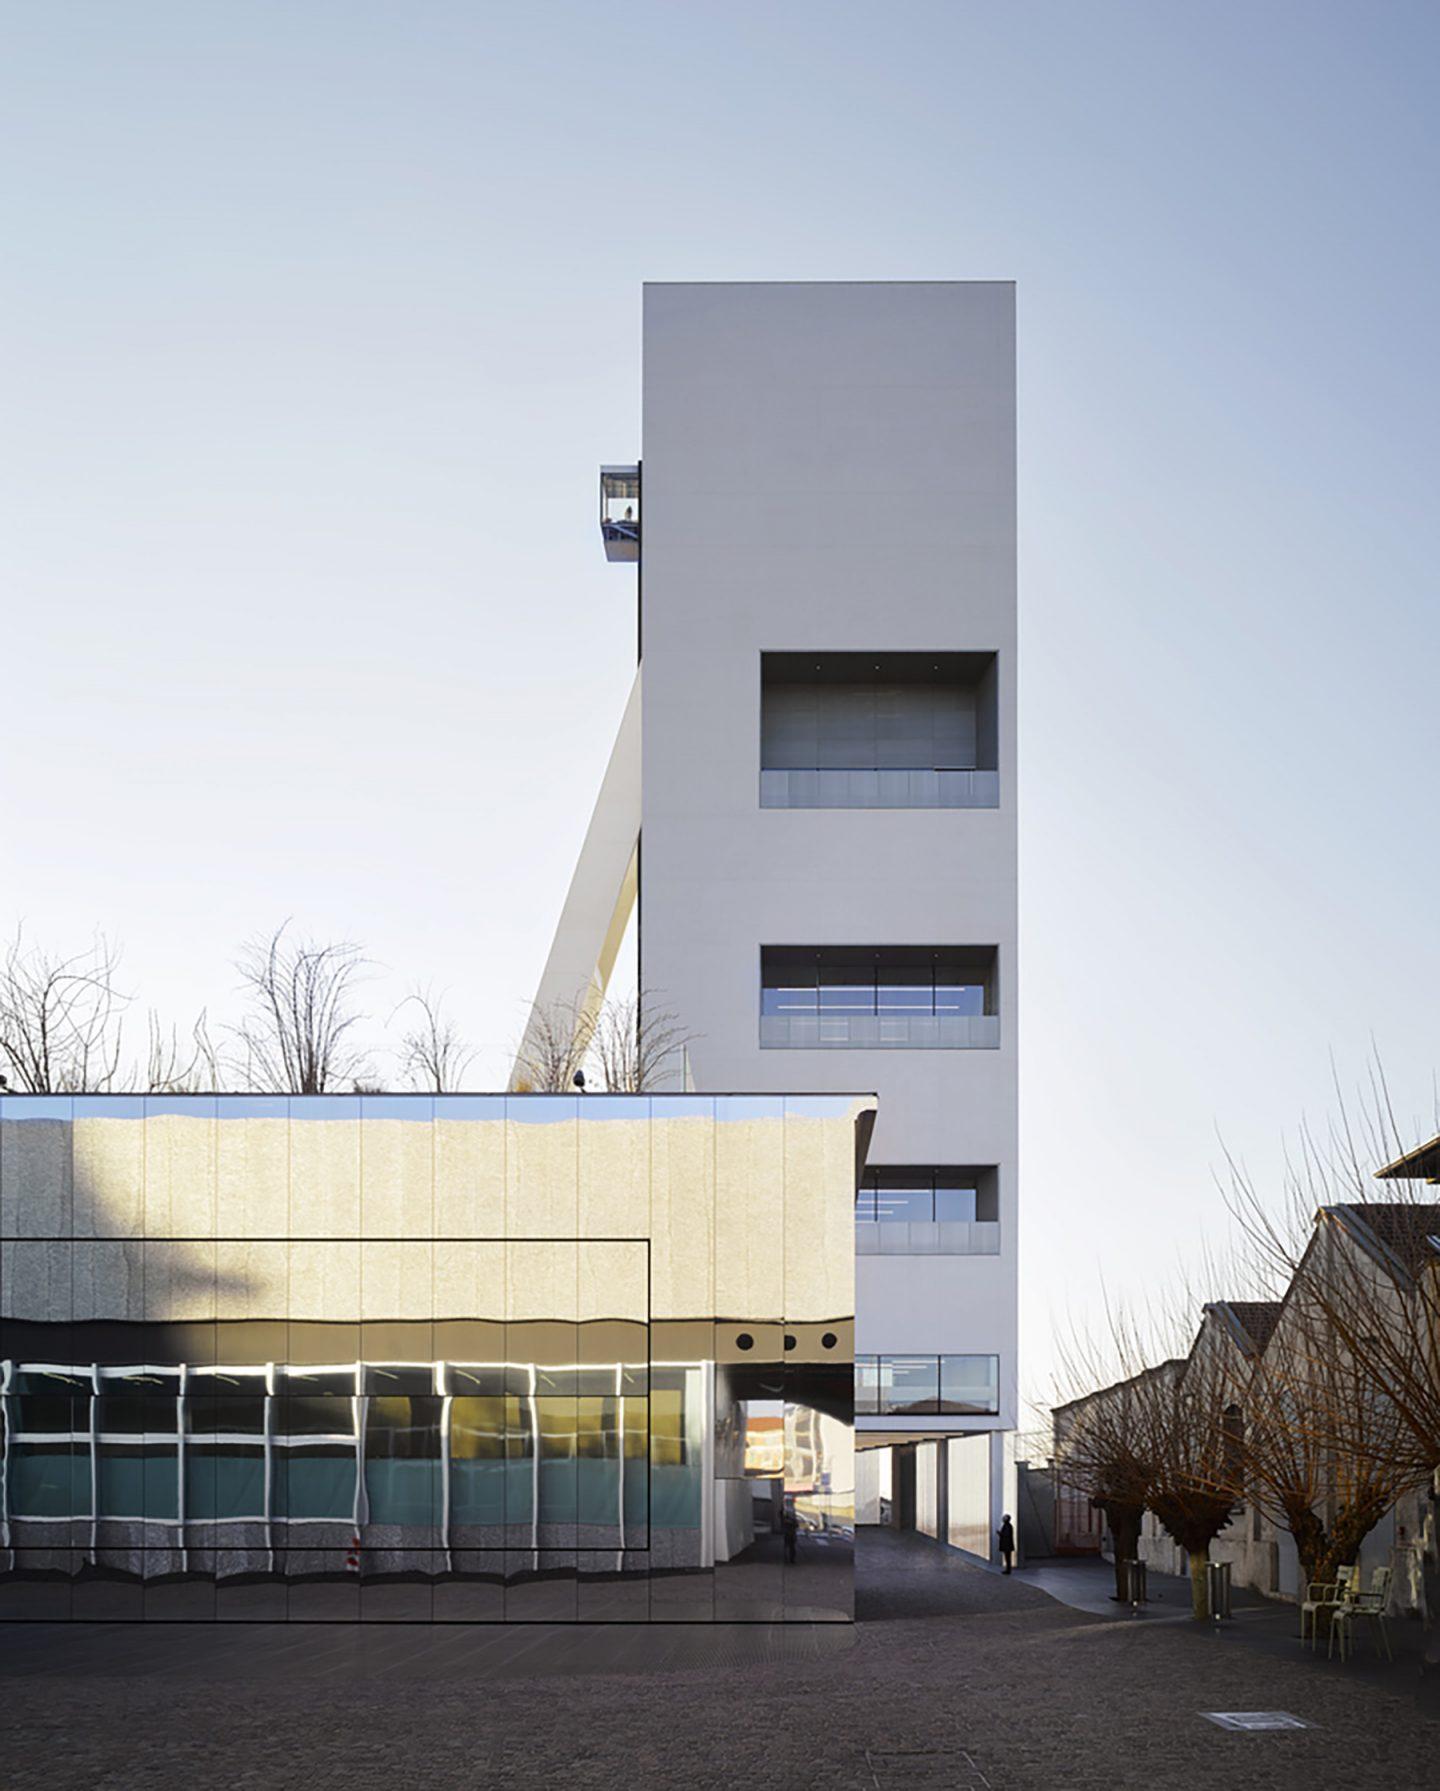 iGNANT-Design-OMA-Fondazione-Prada-Torre-022